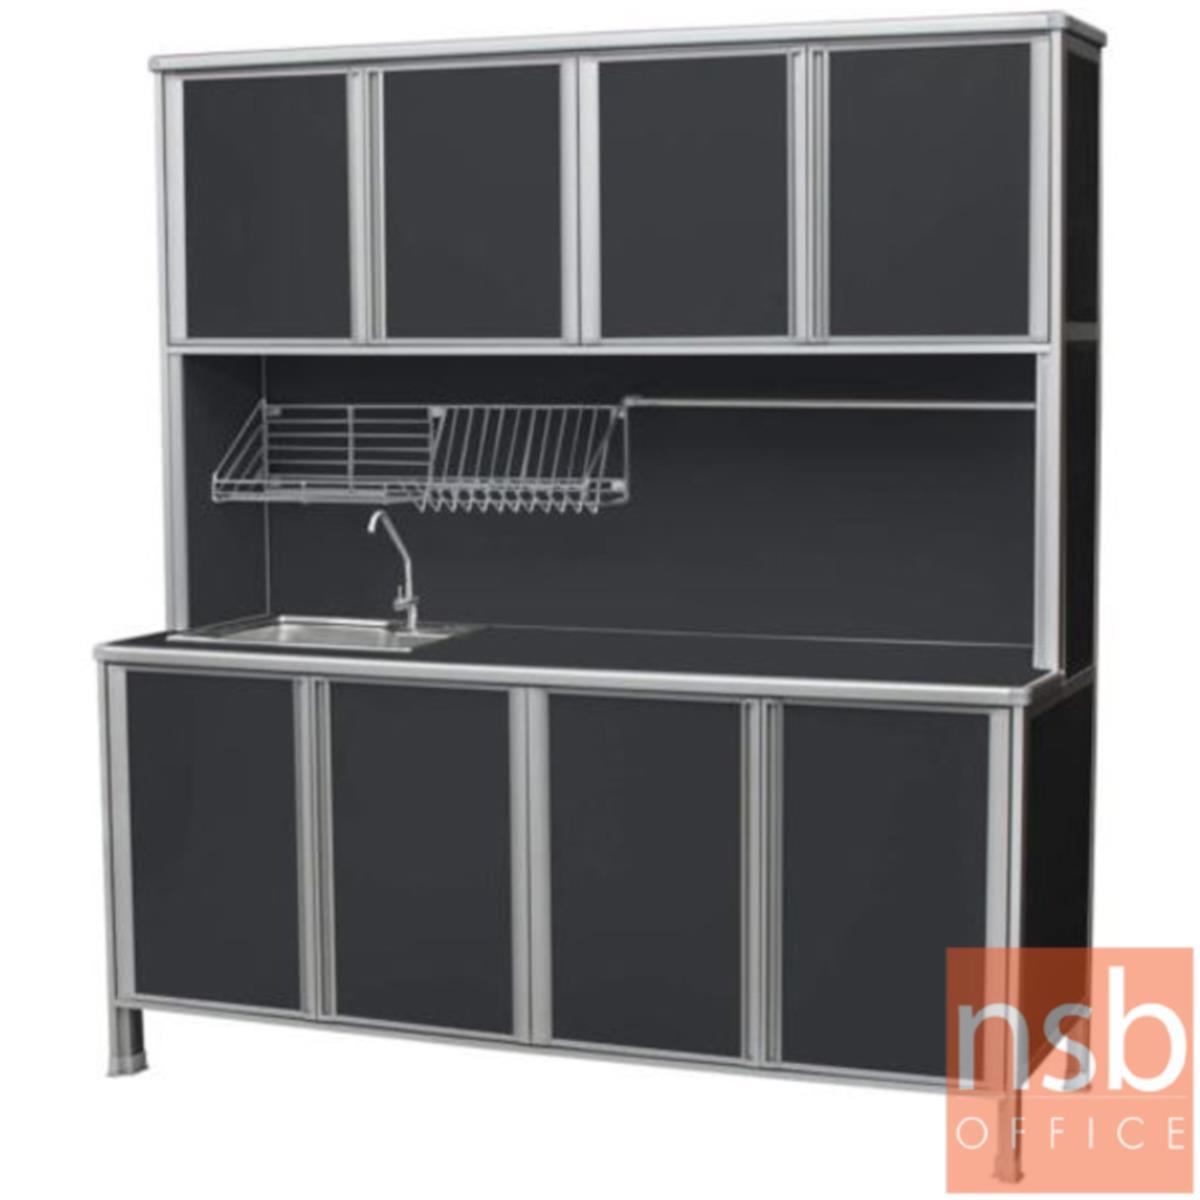 K09A012:ตู้ครัวอลูมิเนียมมีอ่างซิงค์ 1 หลุม พร้อมตู้ต่อบน กว้าง 198.5 CM. รุ่น KCS1-PM1